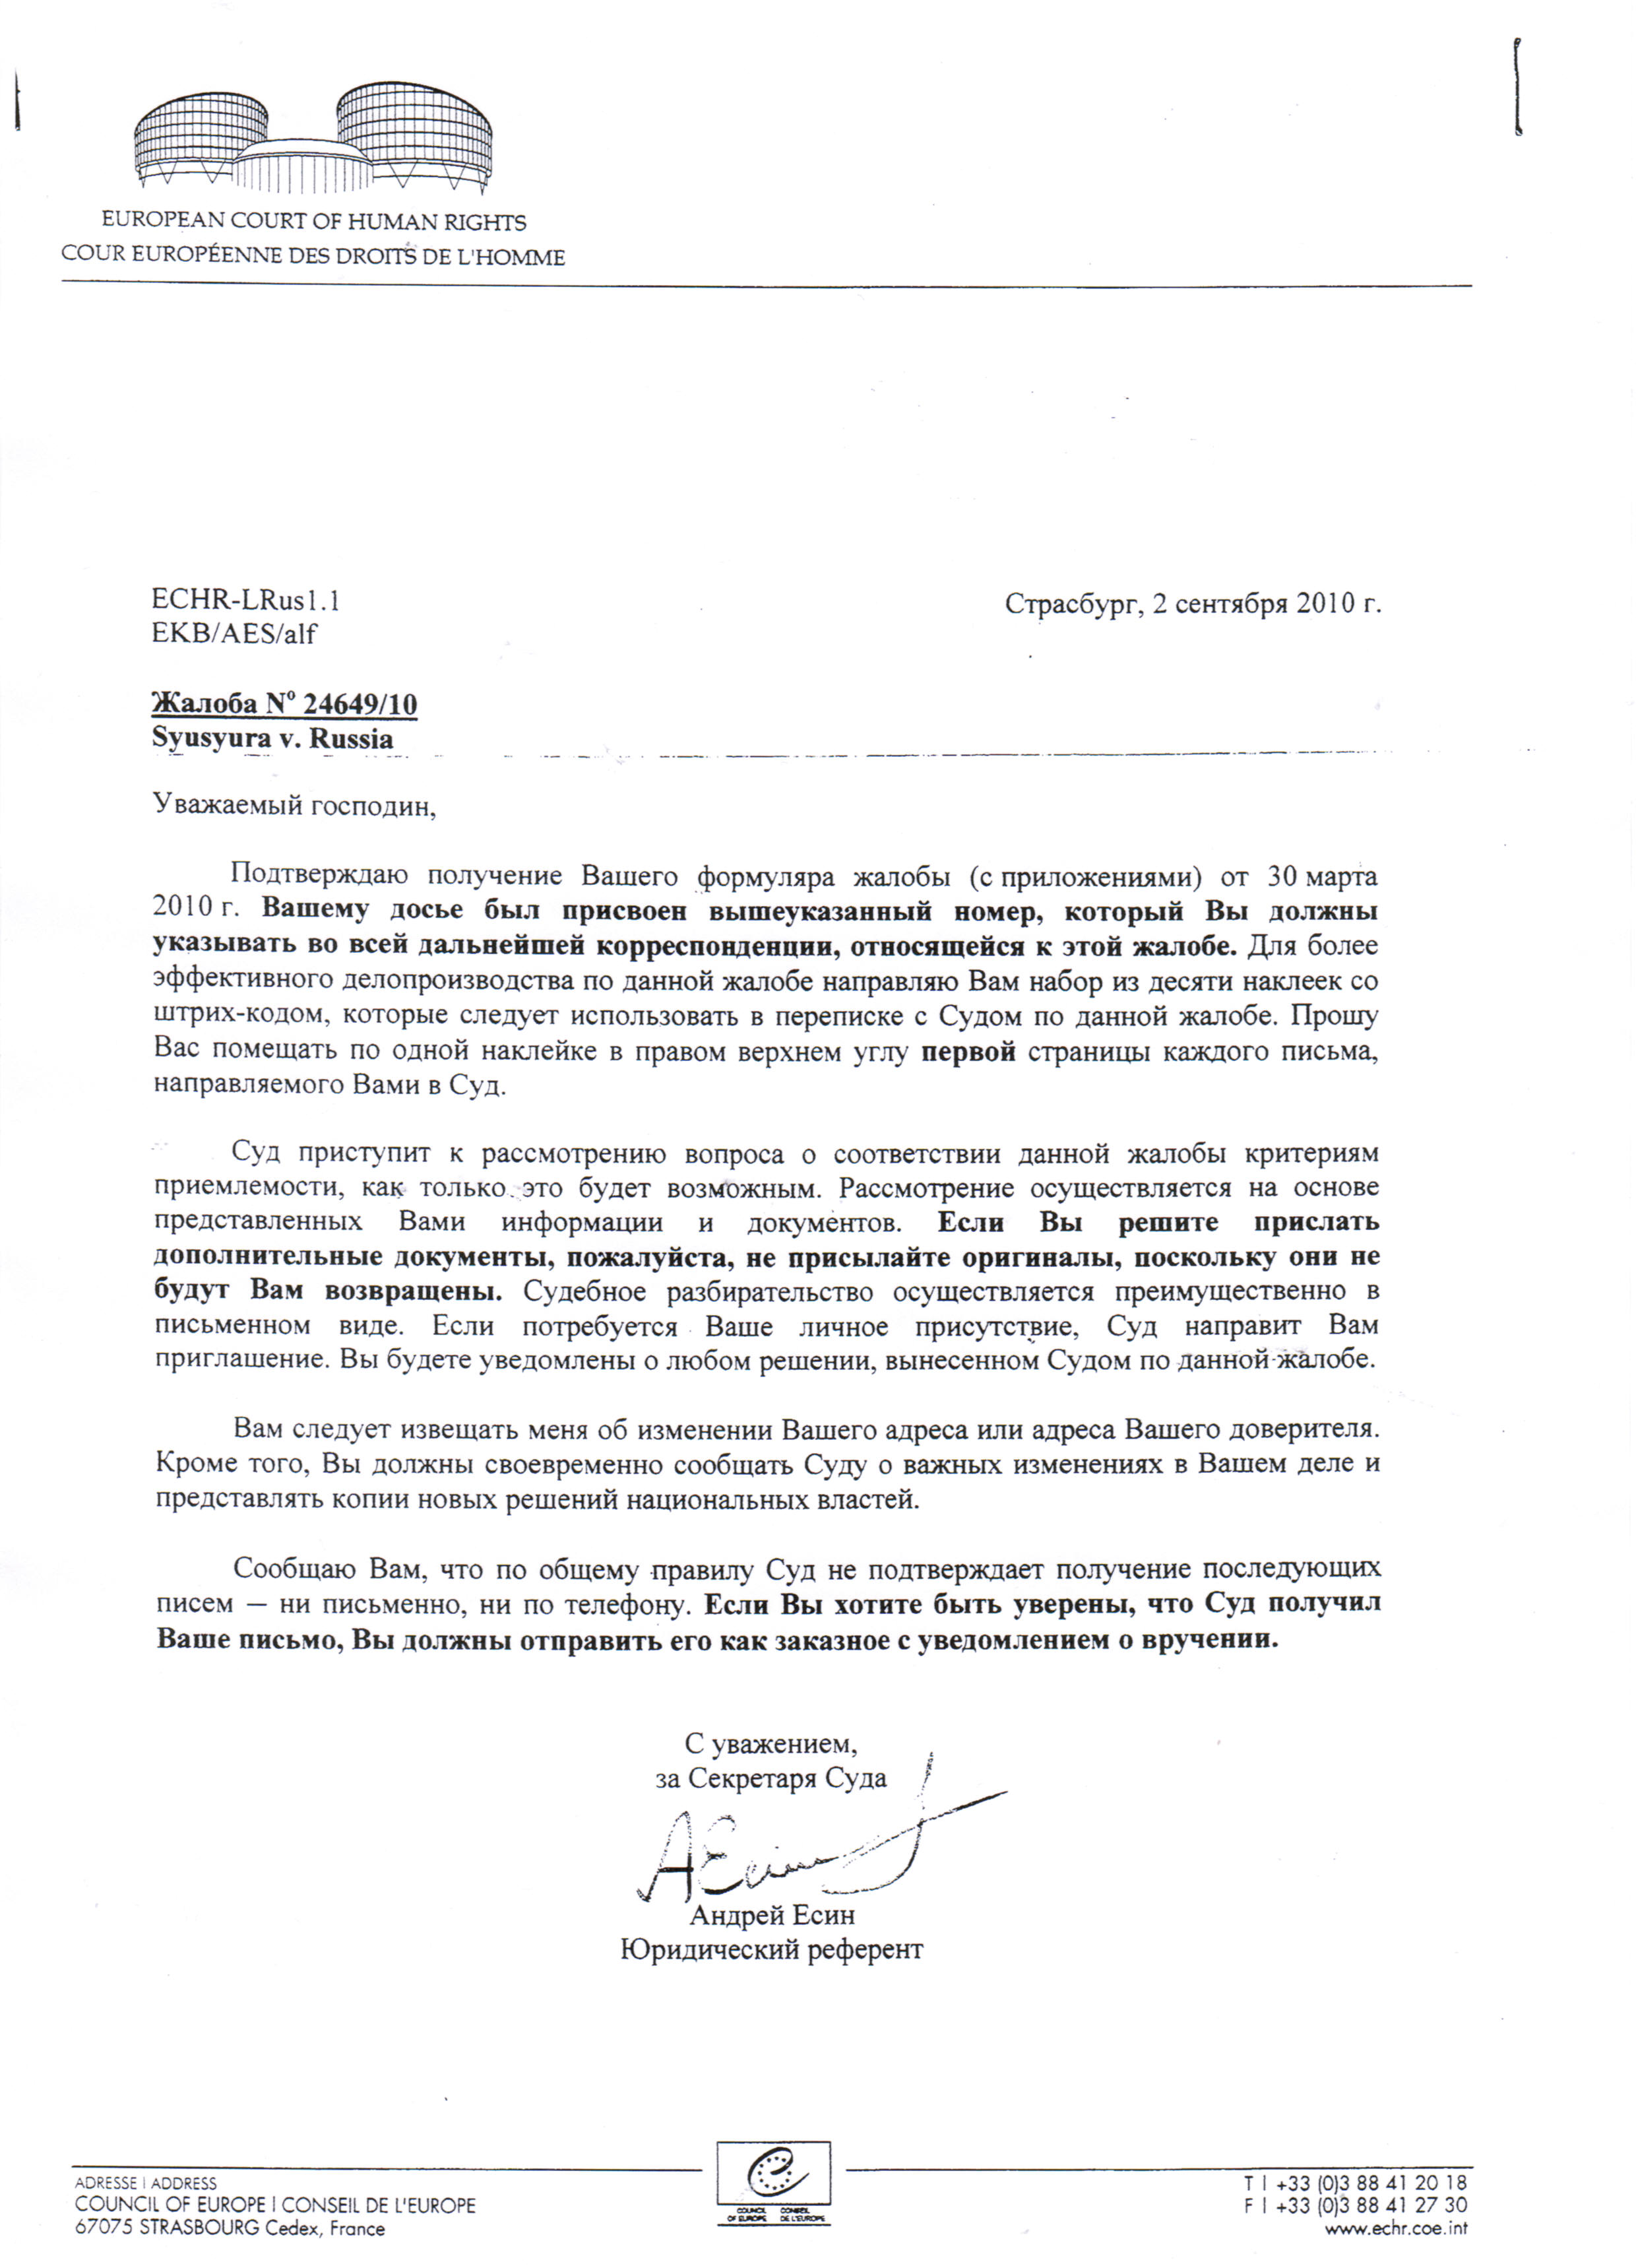 Жалоба европейский суд по правам человека новая форма 2014 года